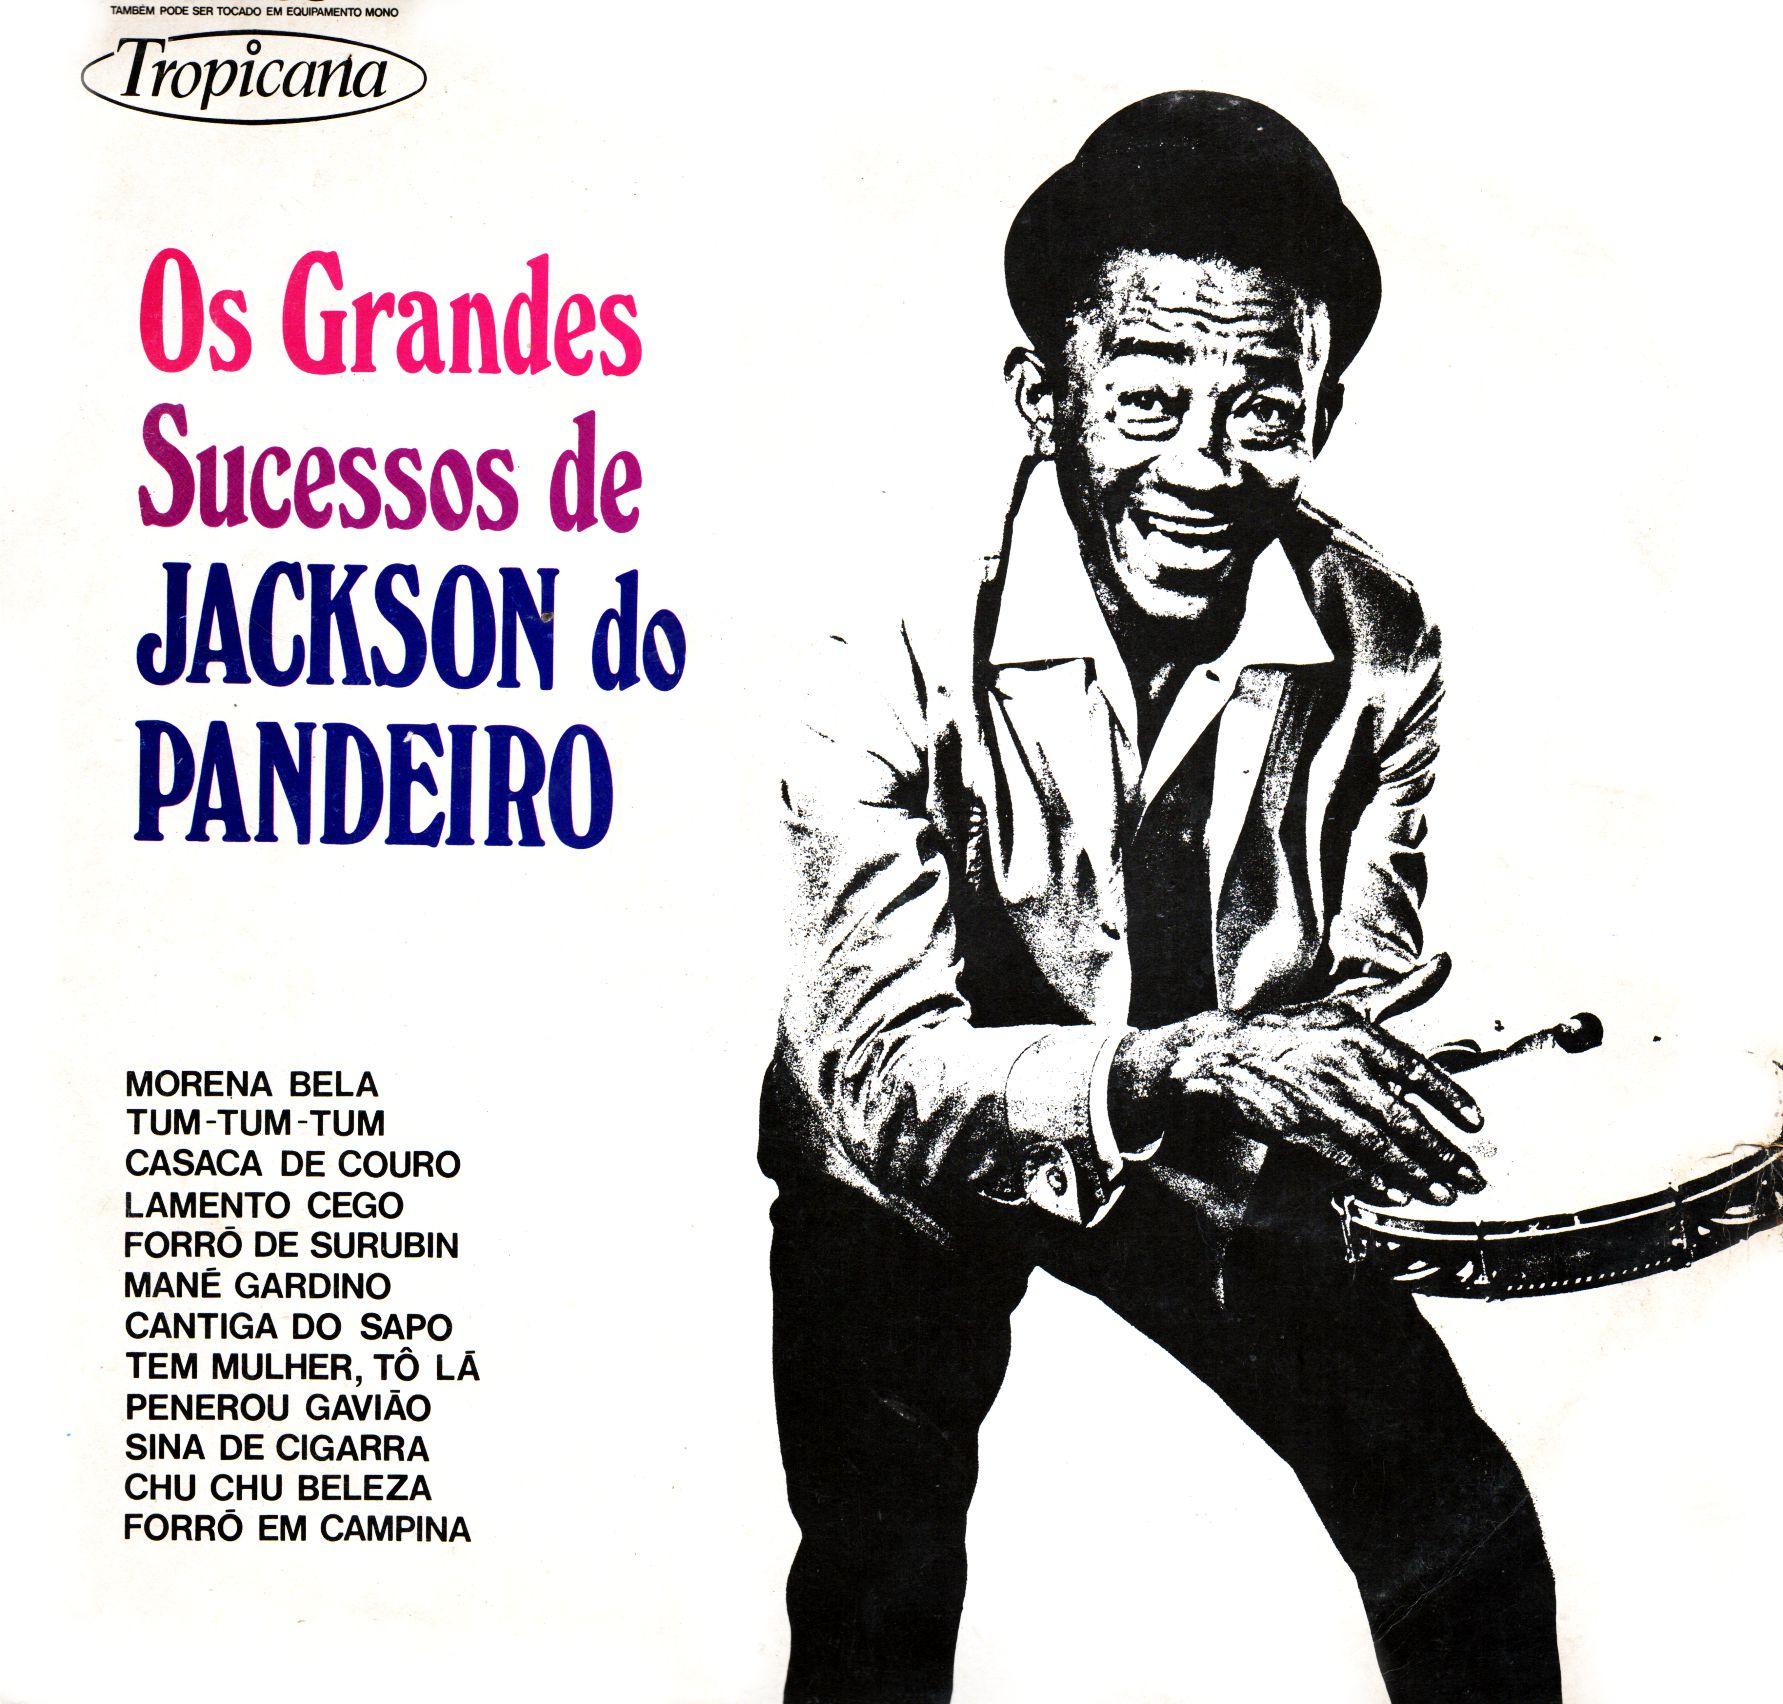 musicas de jackson do pandeiro gratis